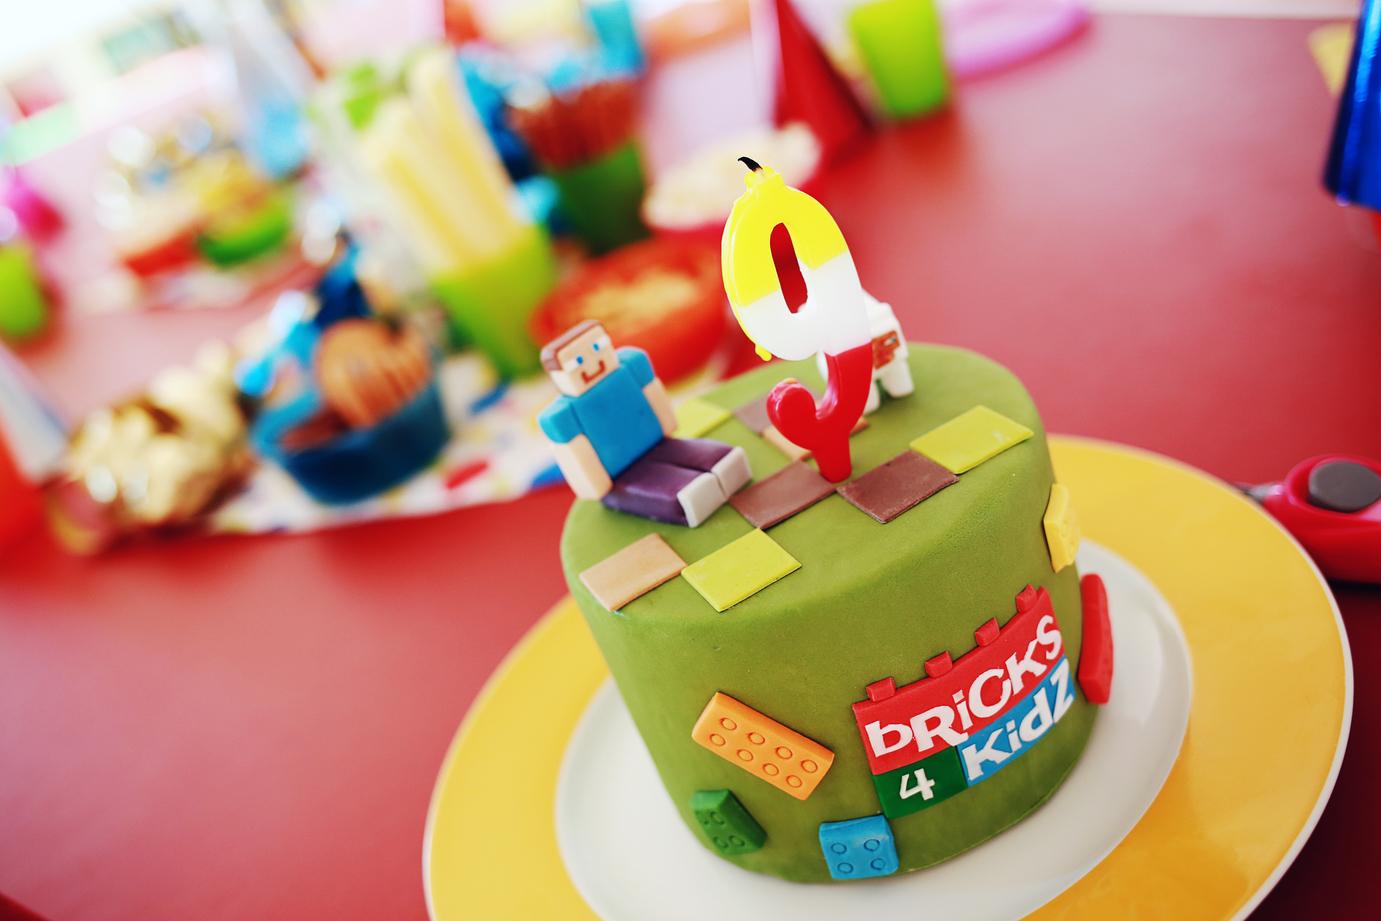 BirthdayCake_Party2 (1)